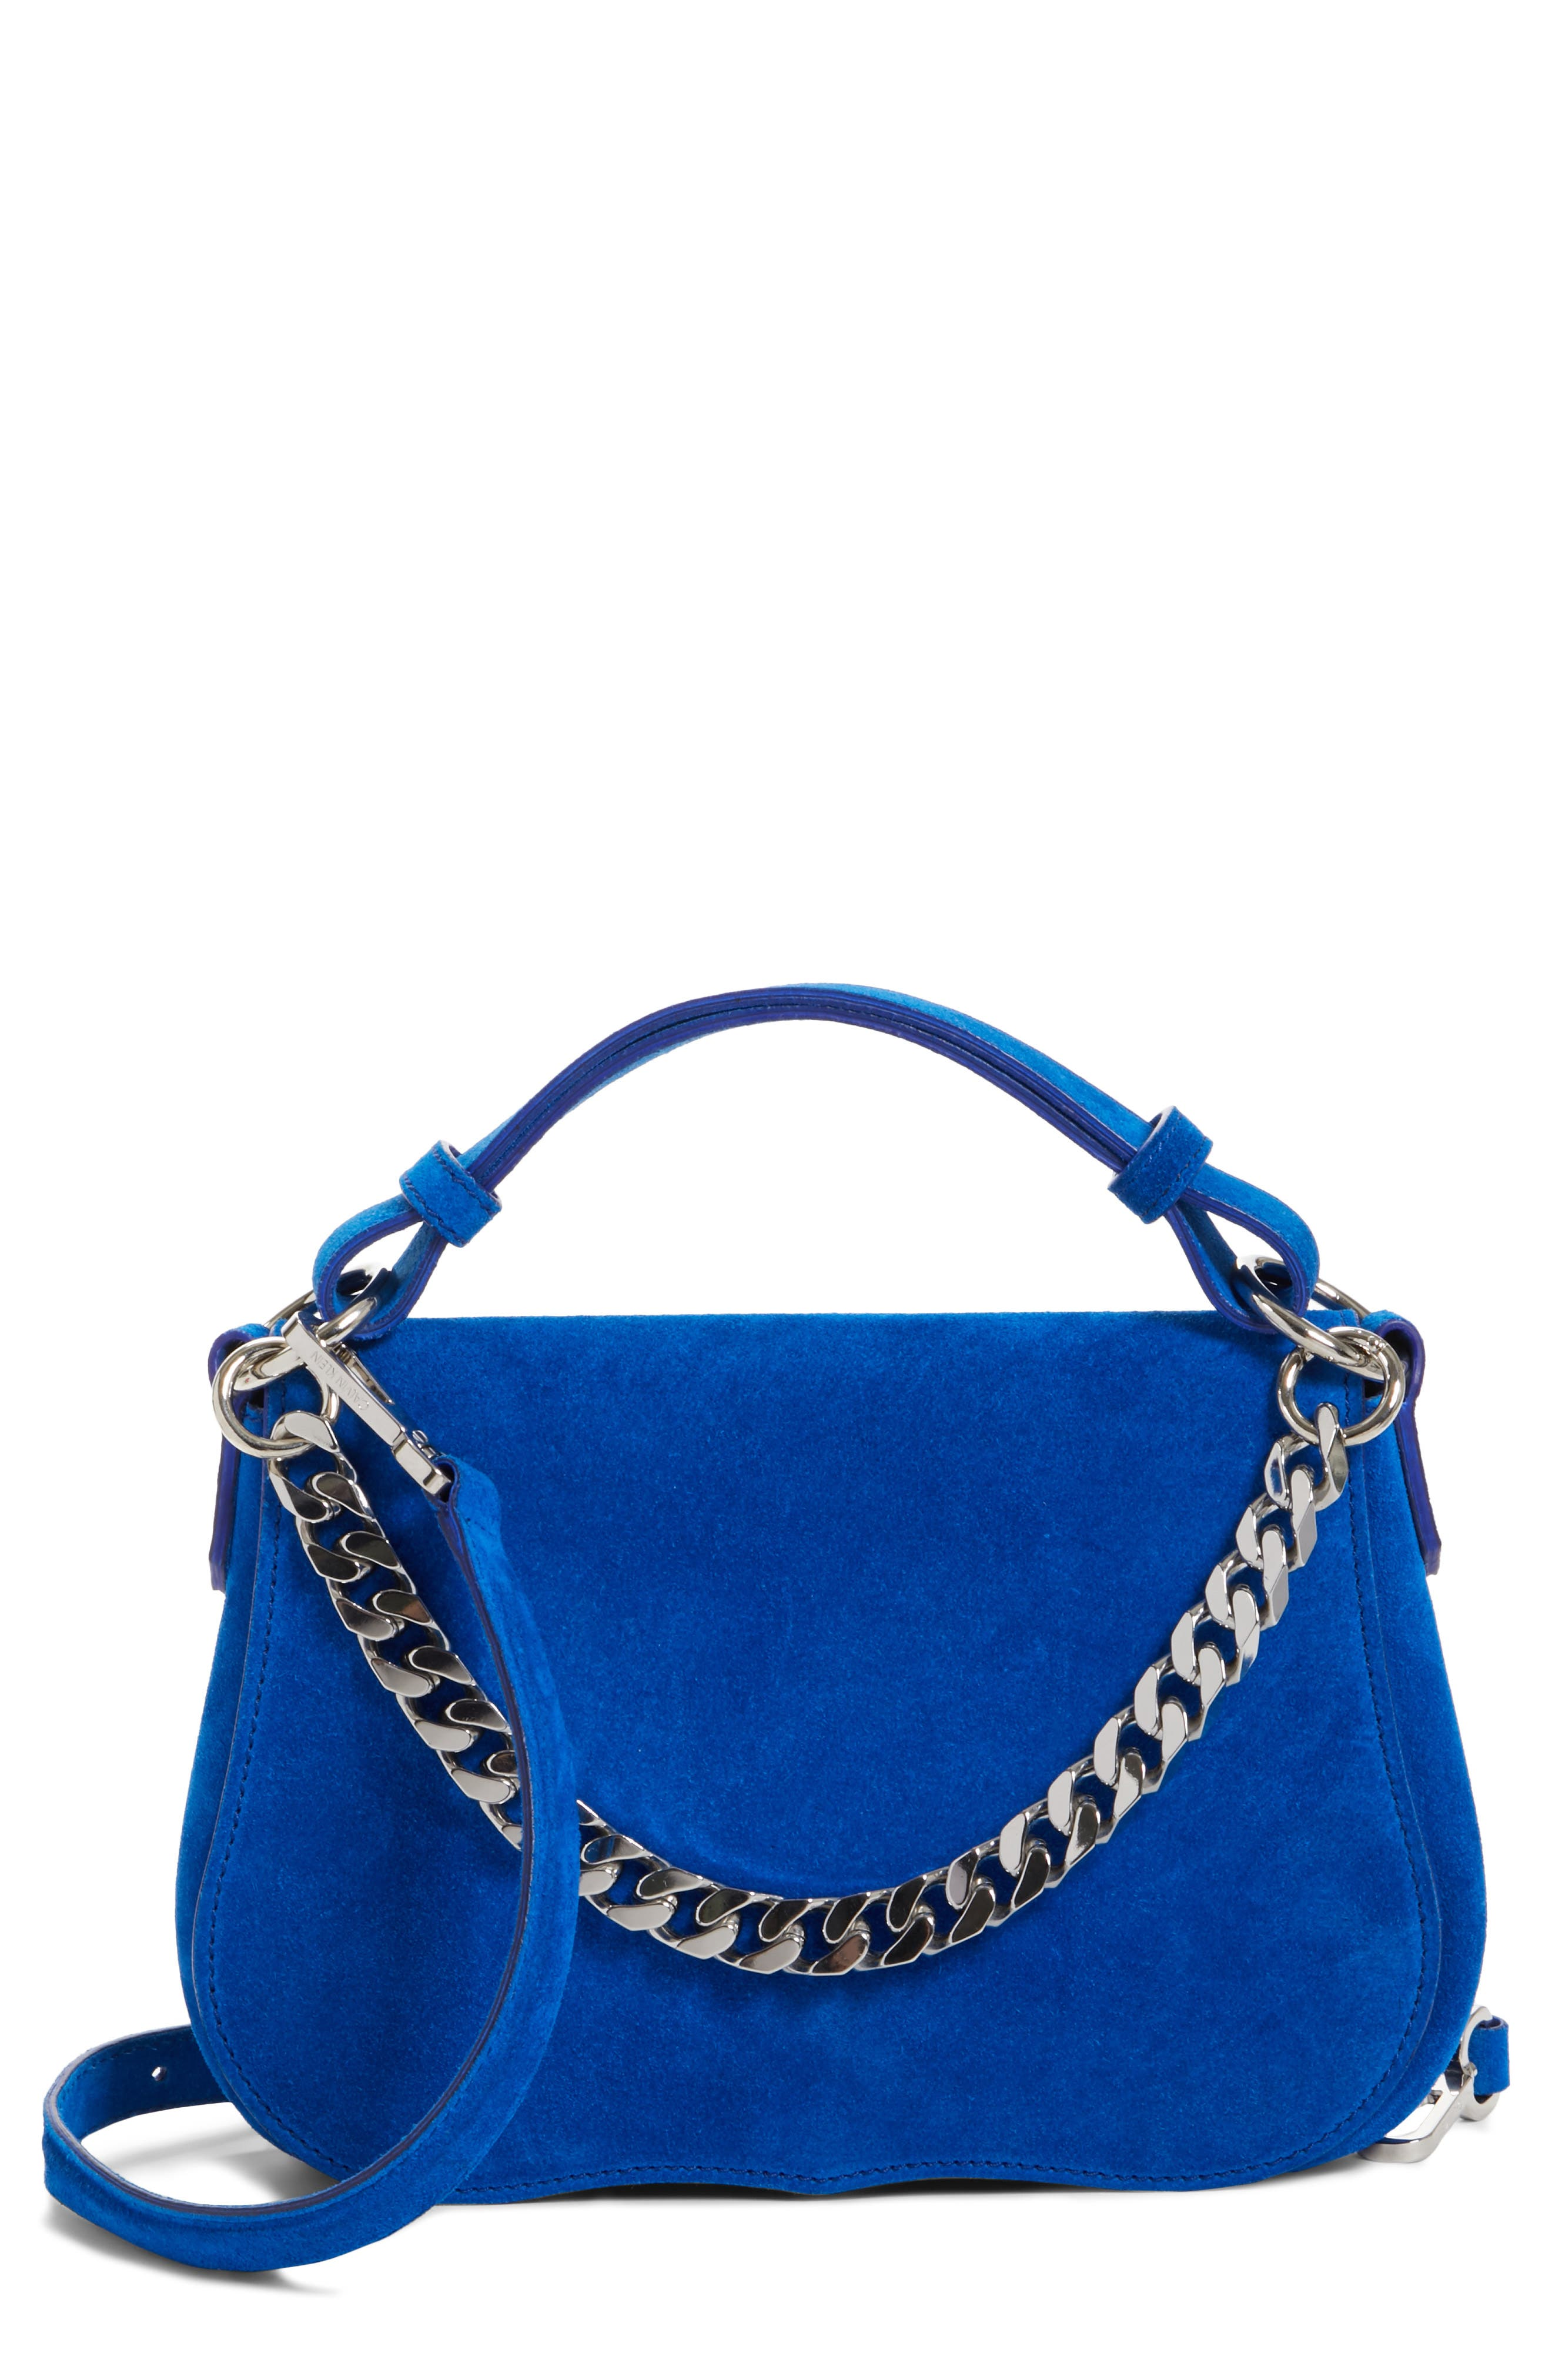 Small Suede Shoulder Bag,                             Main thumbnail 1, color,                             Lapis